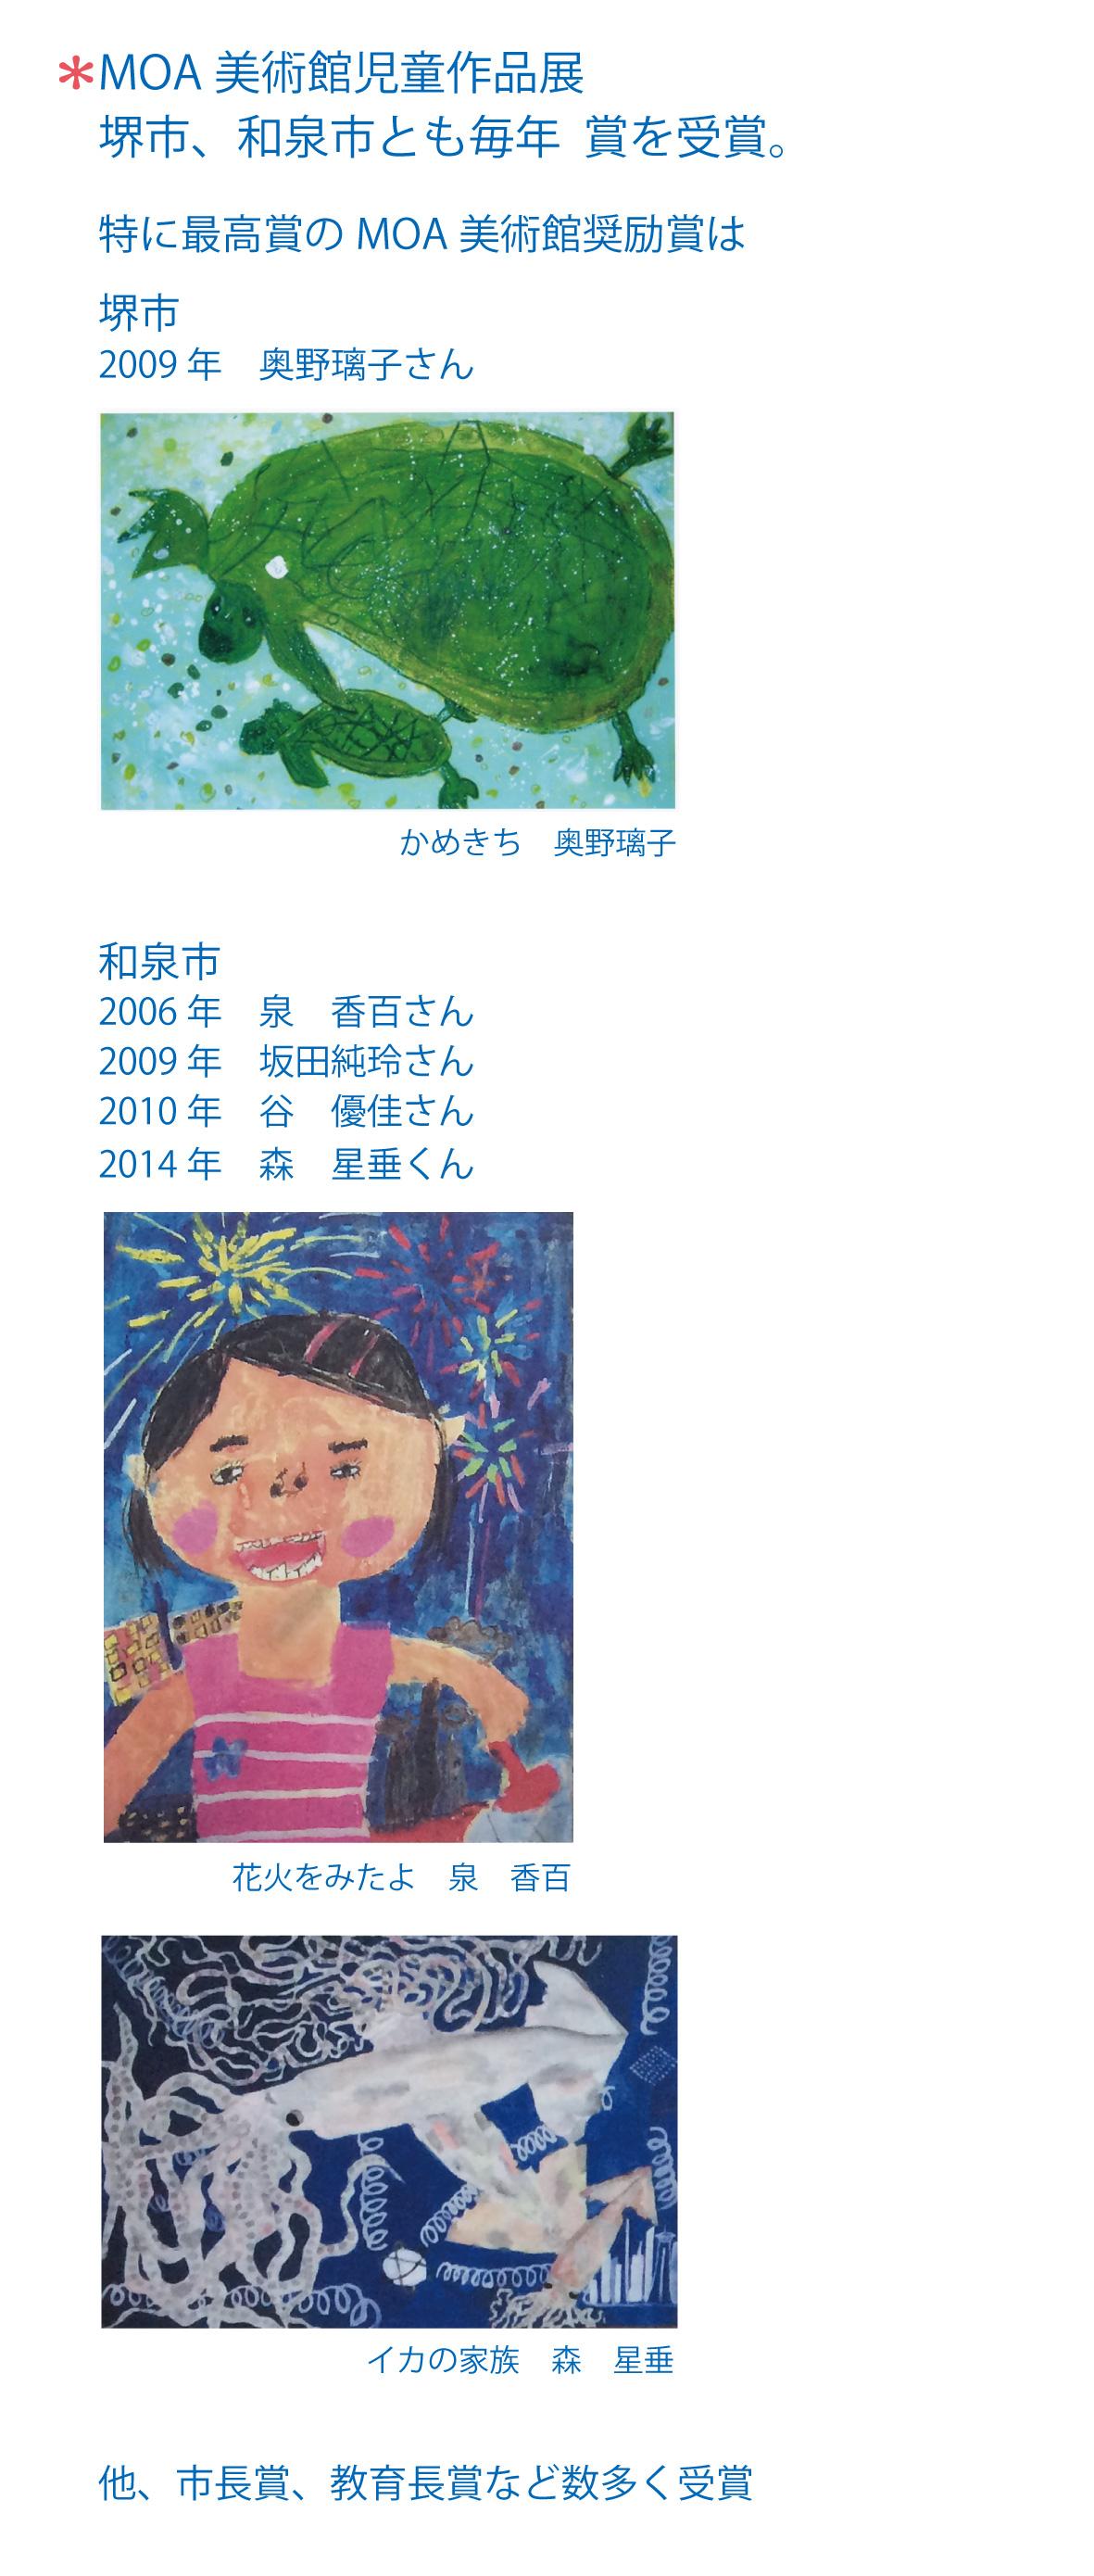 MOA美術館児童作品展